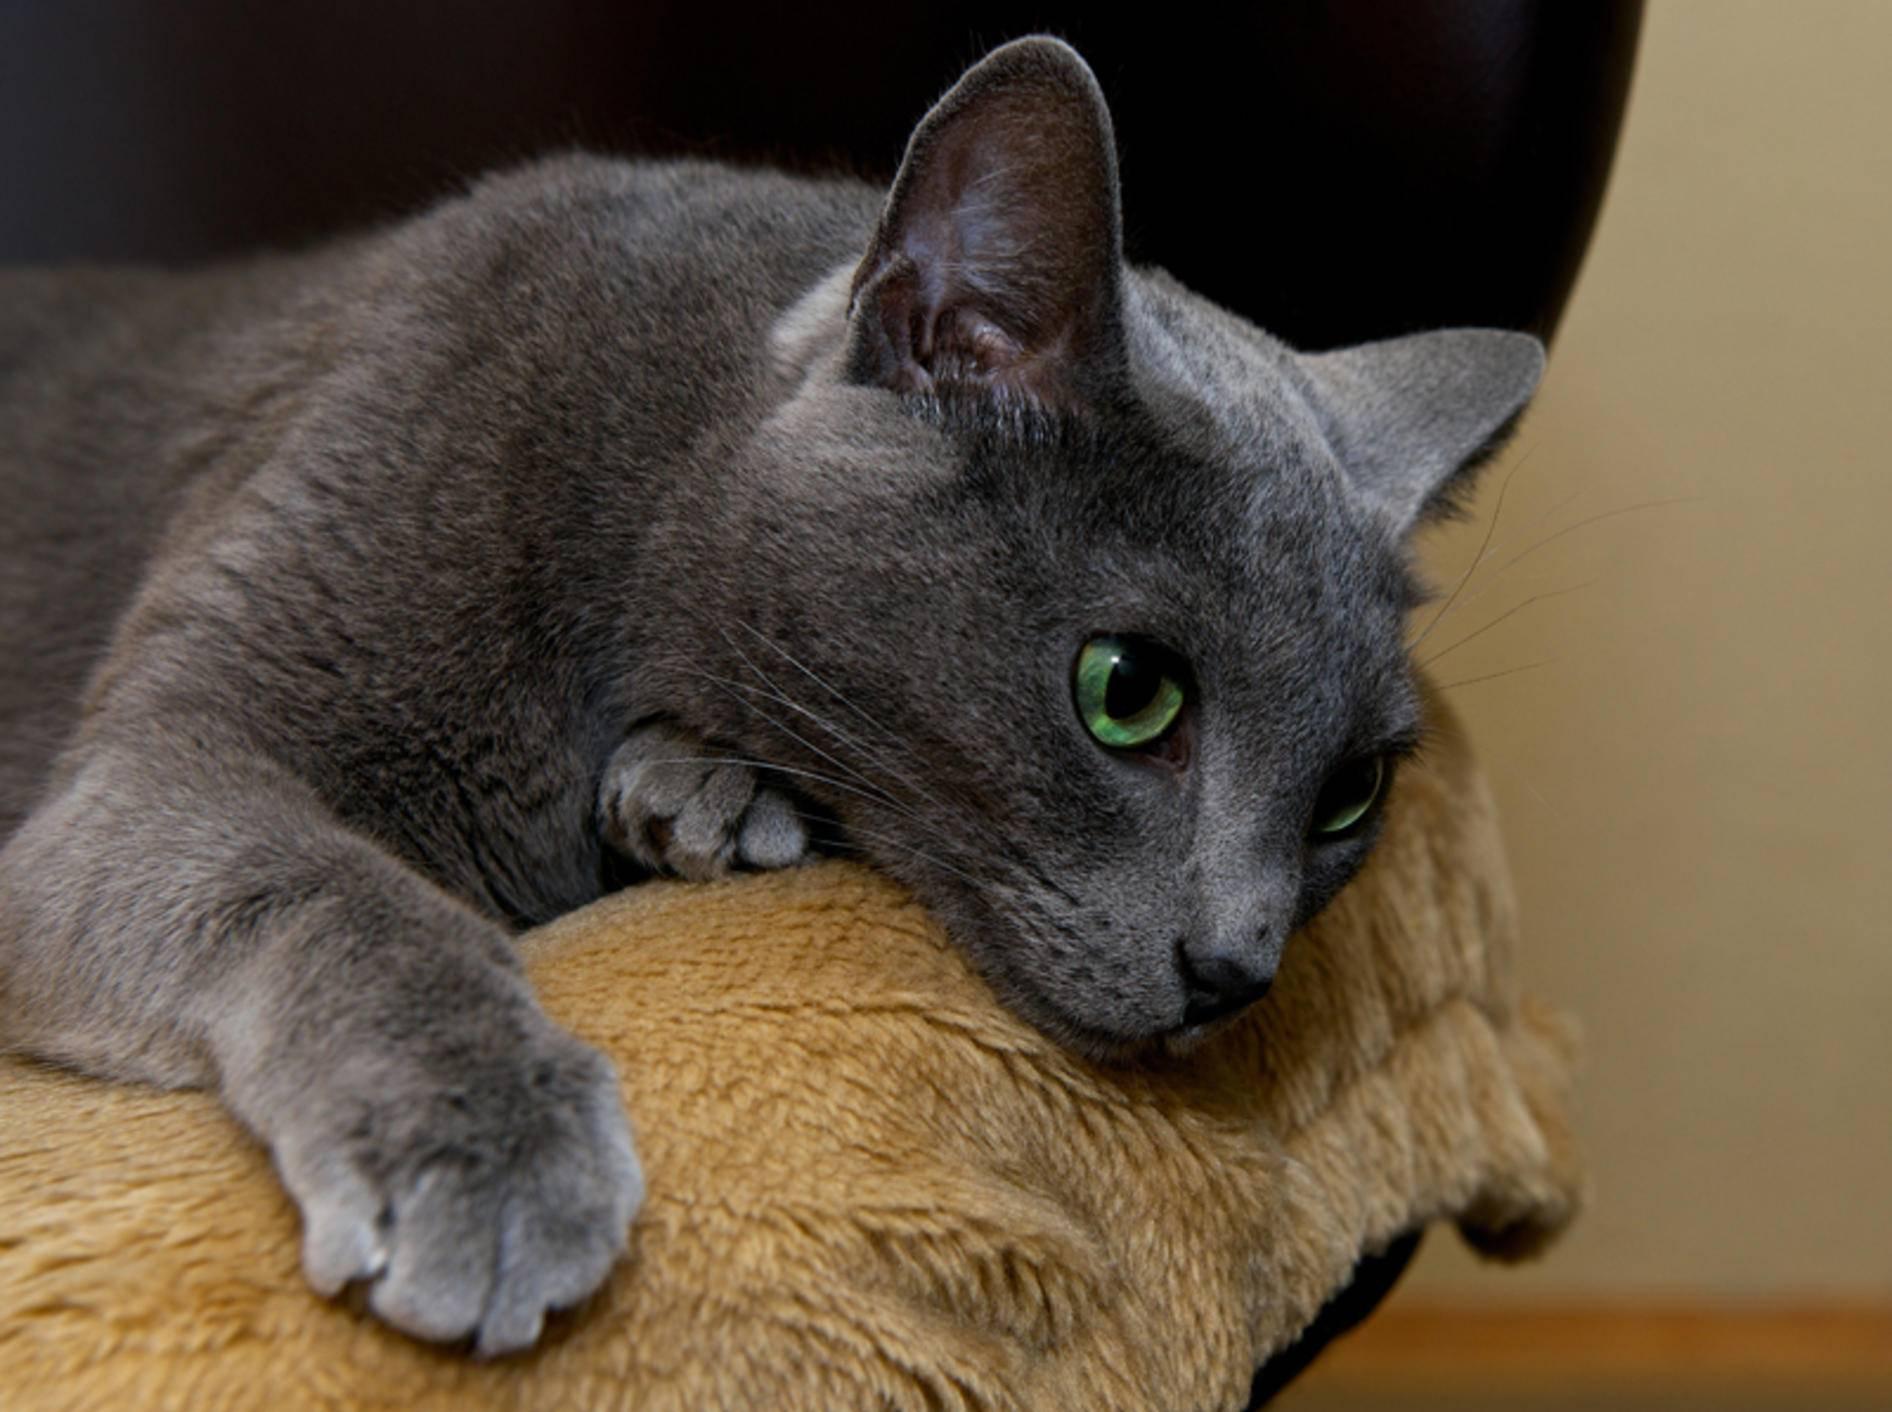 Katzen lassen sich ihre Schmerzen ungern anmerken – Shutterstock / Renata Apanaviciene